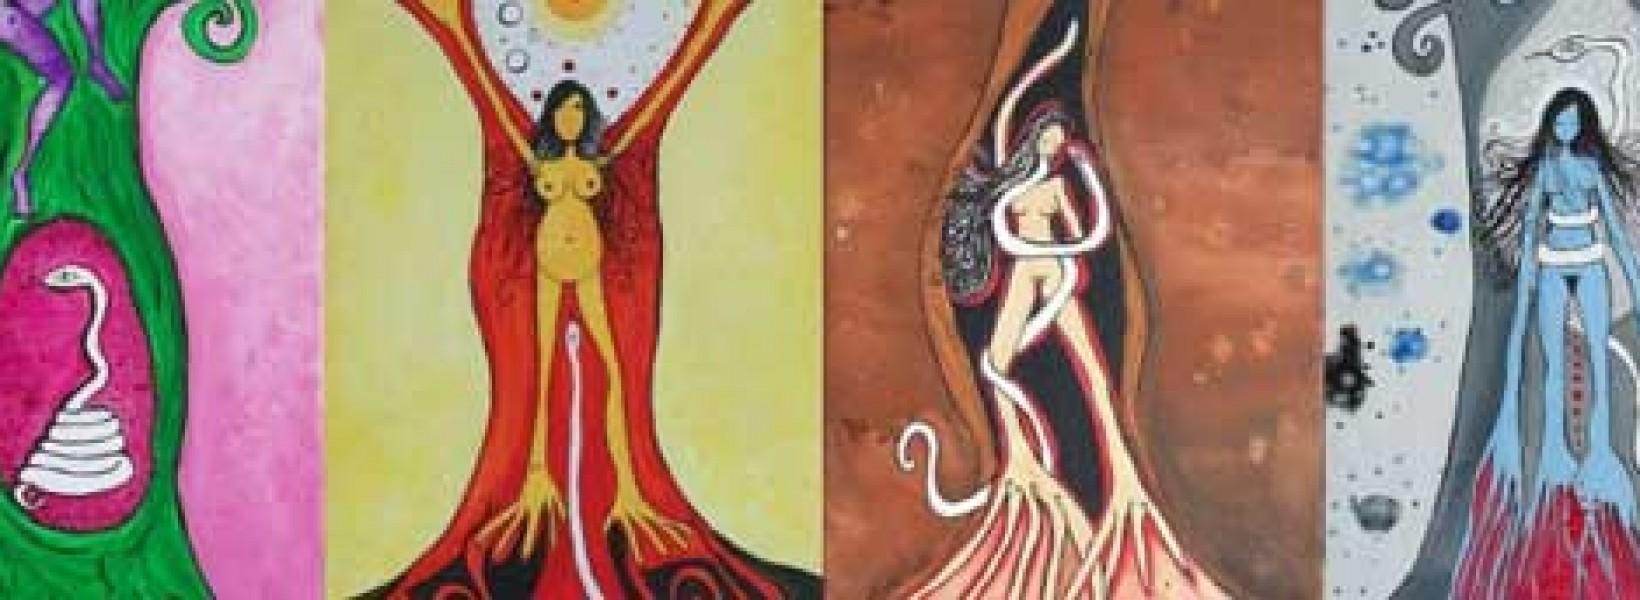 Conciencia en cuerpo de mujer